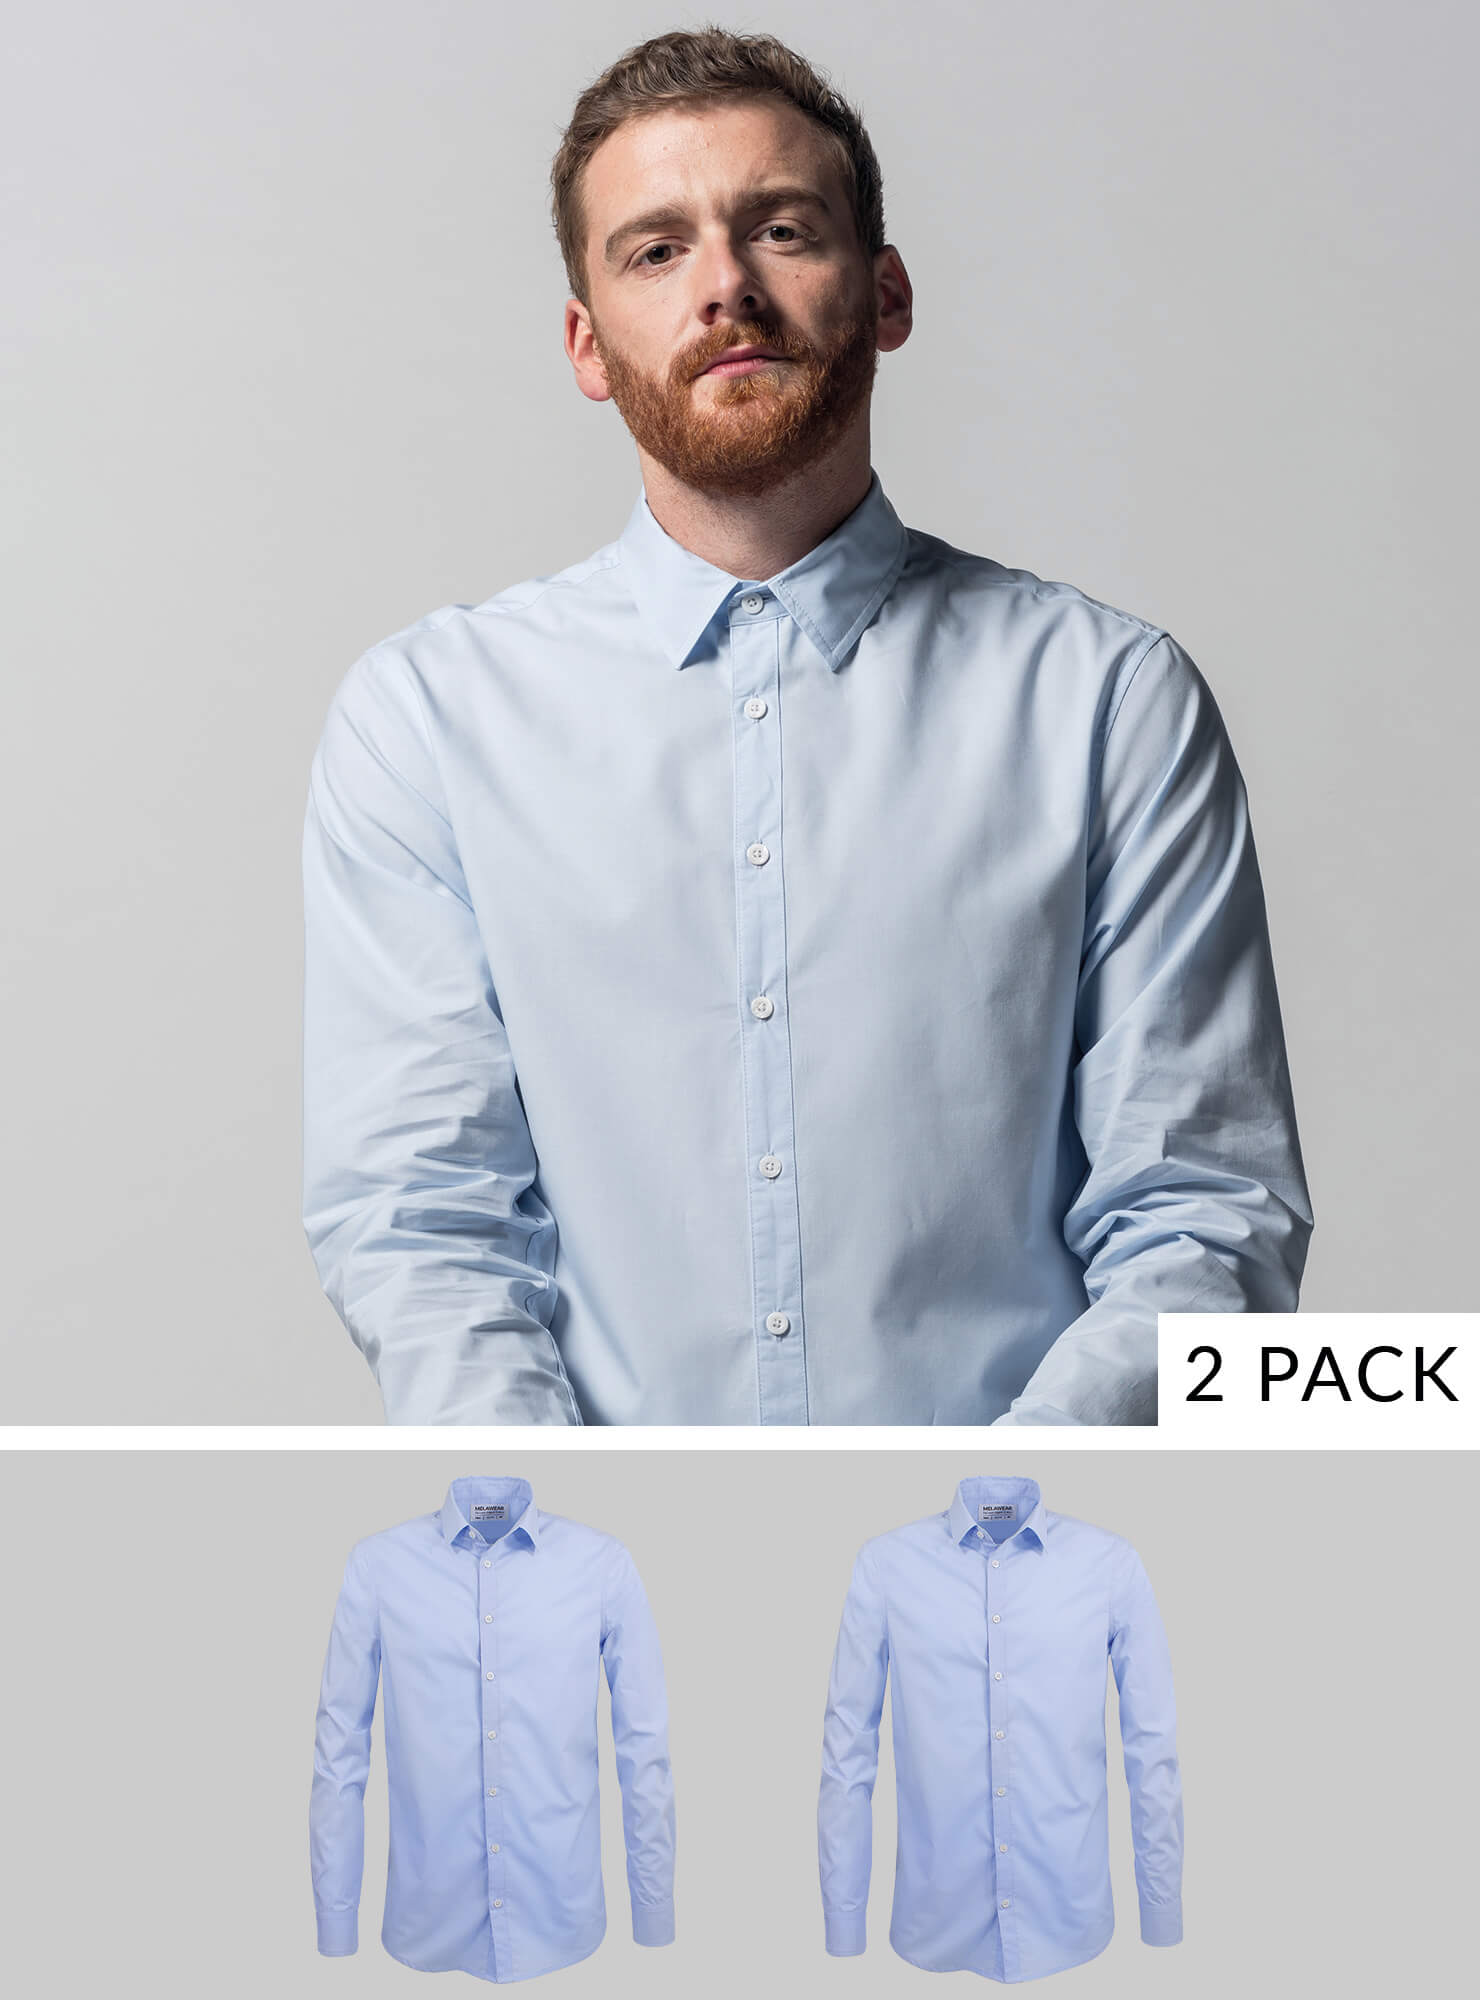 2-Pack Men's Shirt